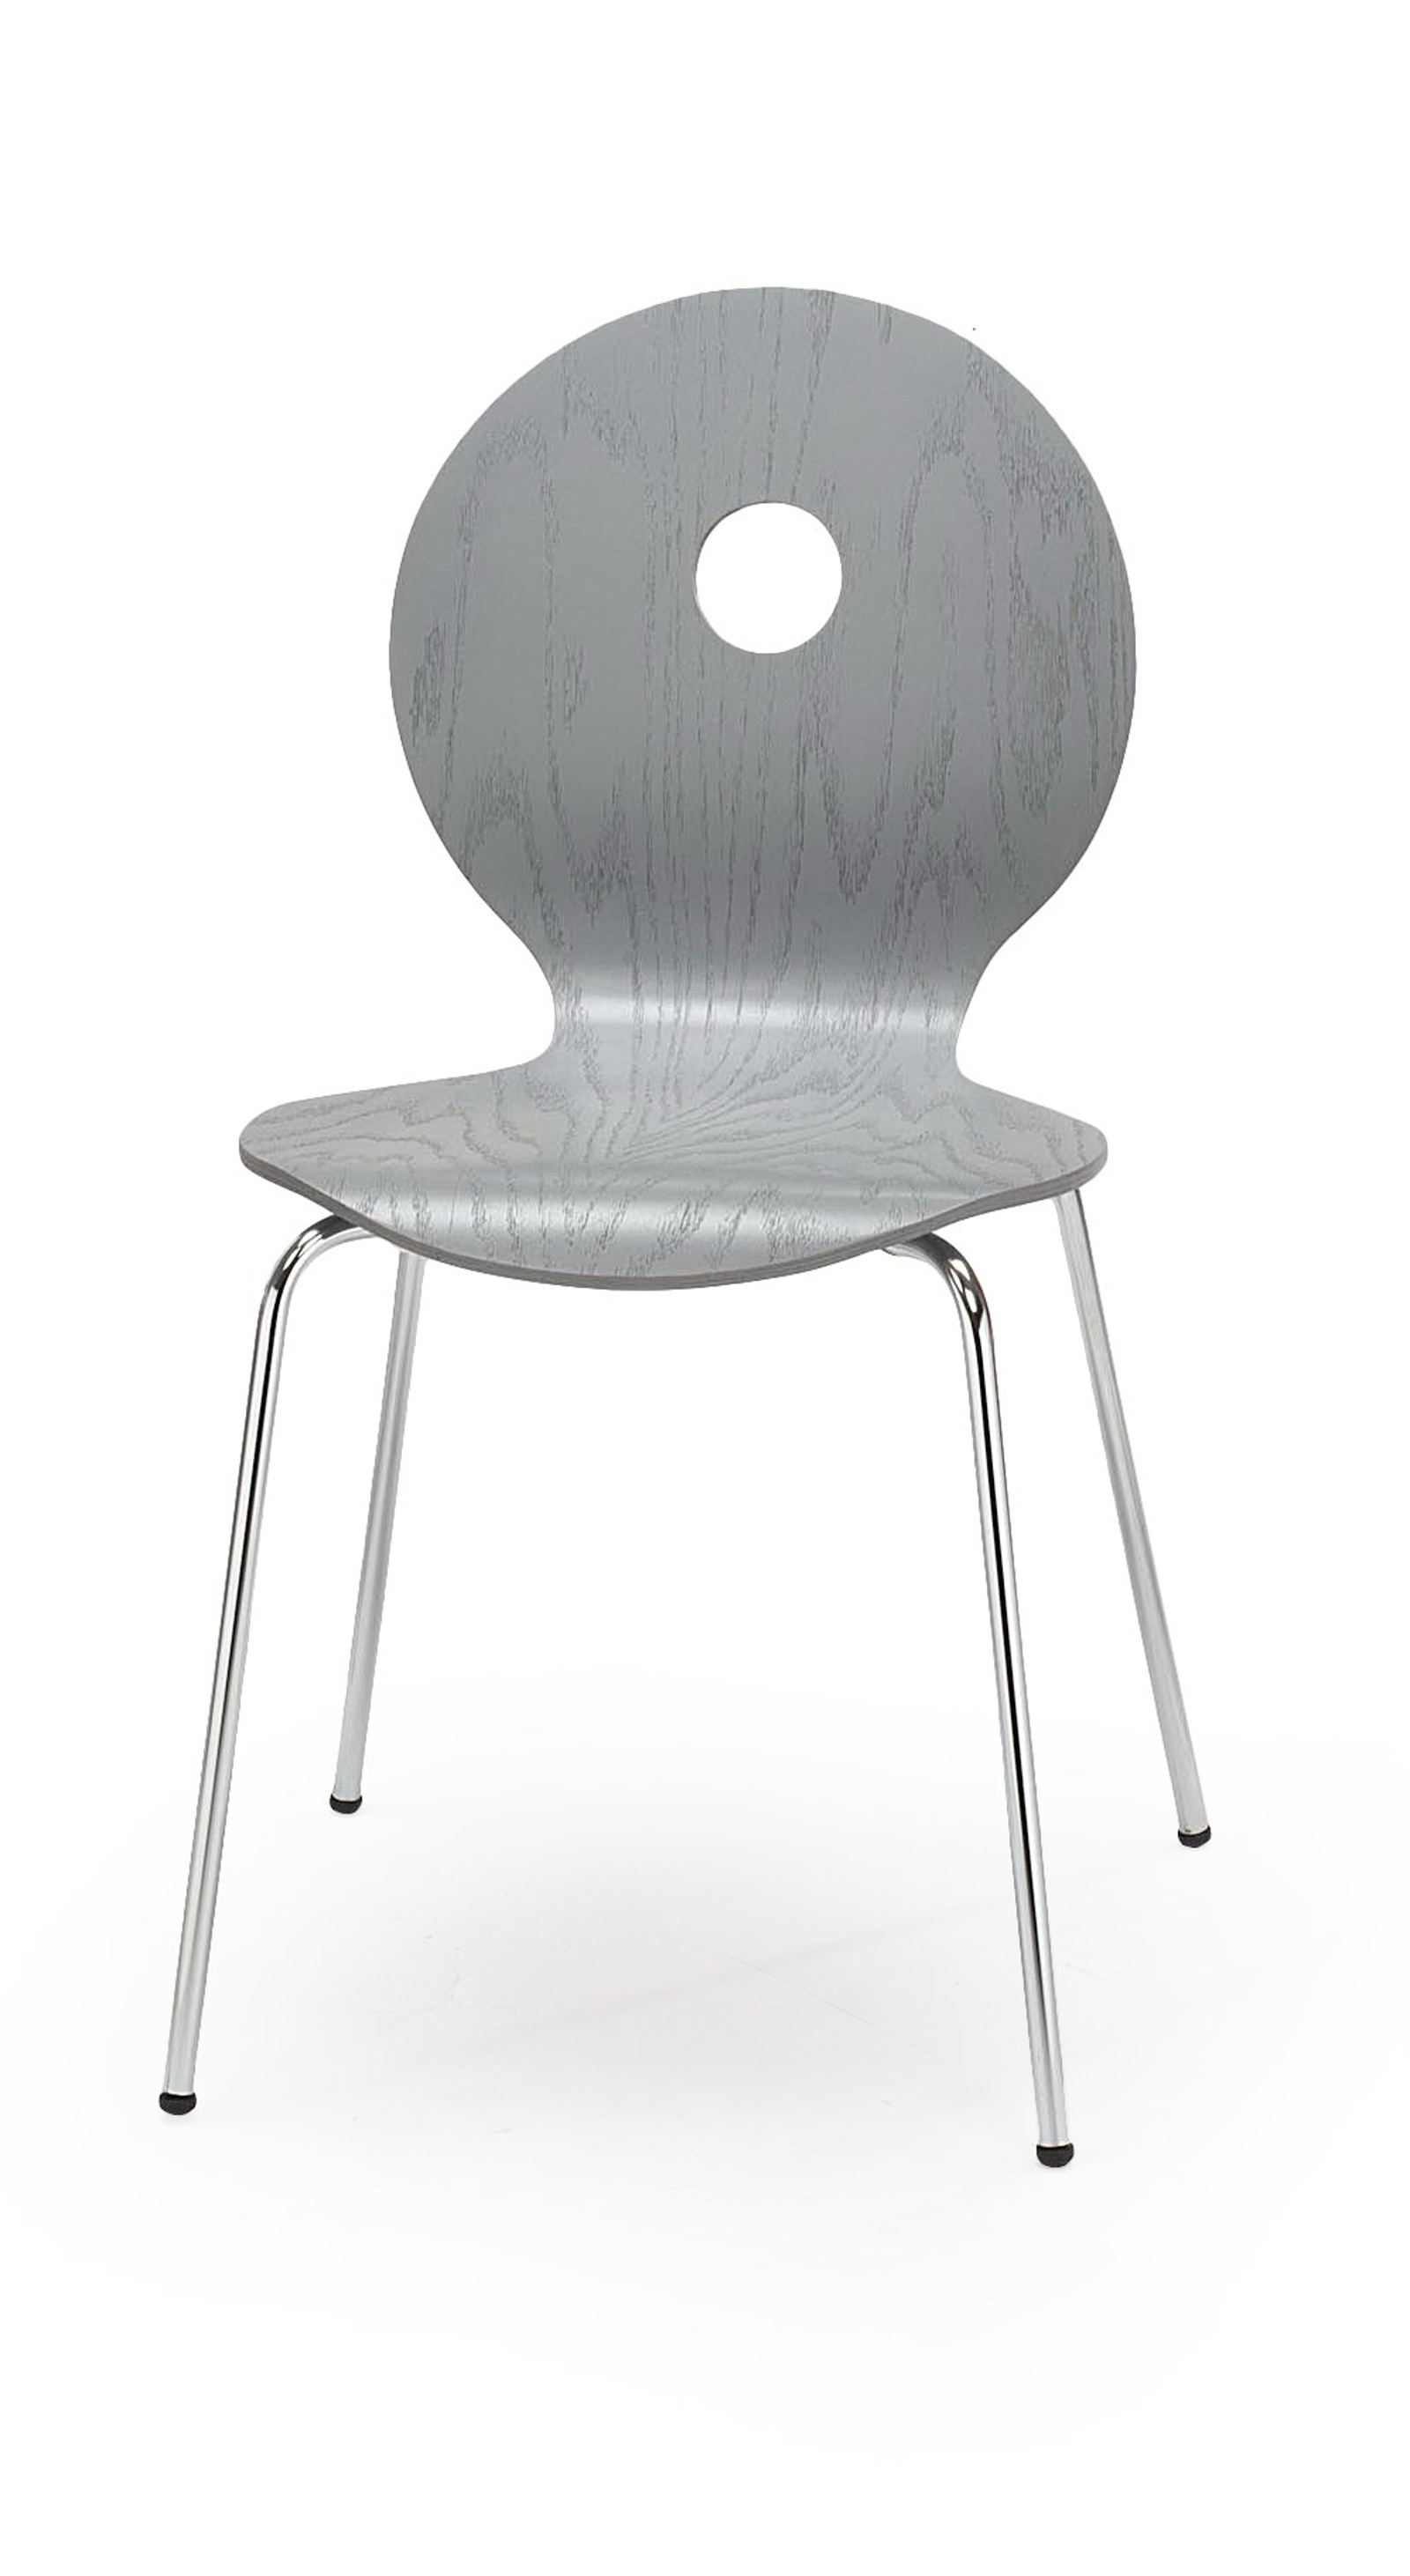 Smartshop Jídelní židle K233, šedá